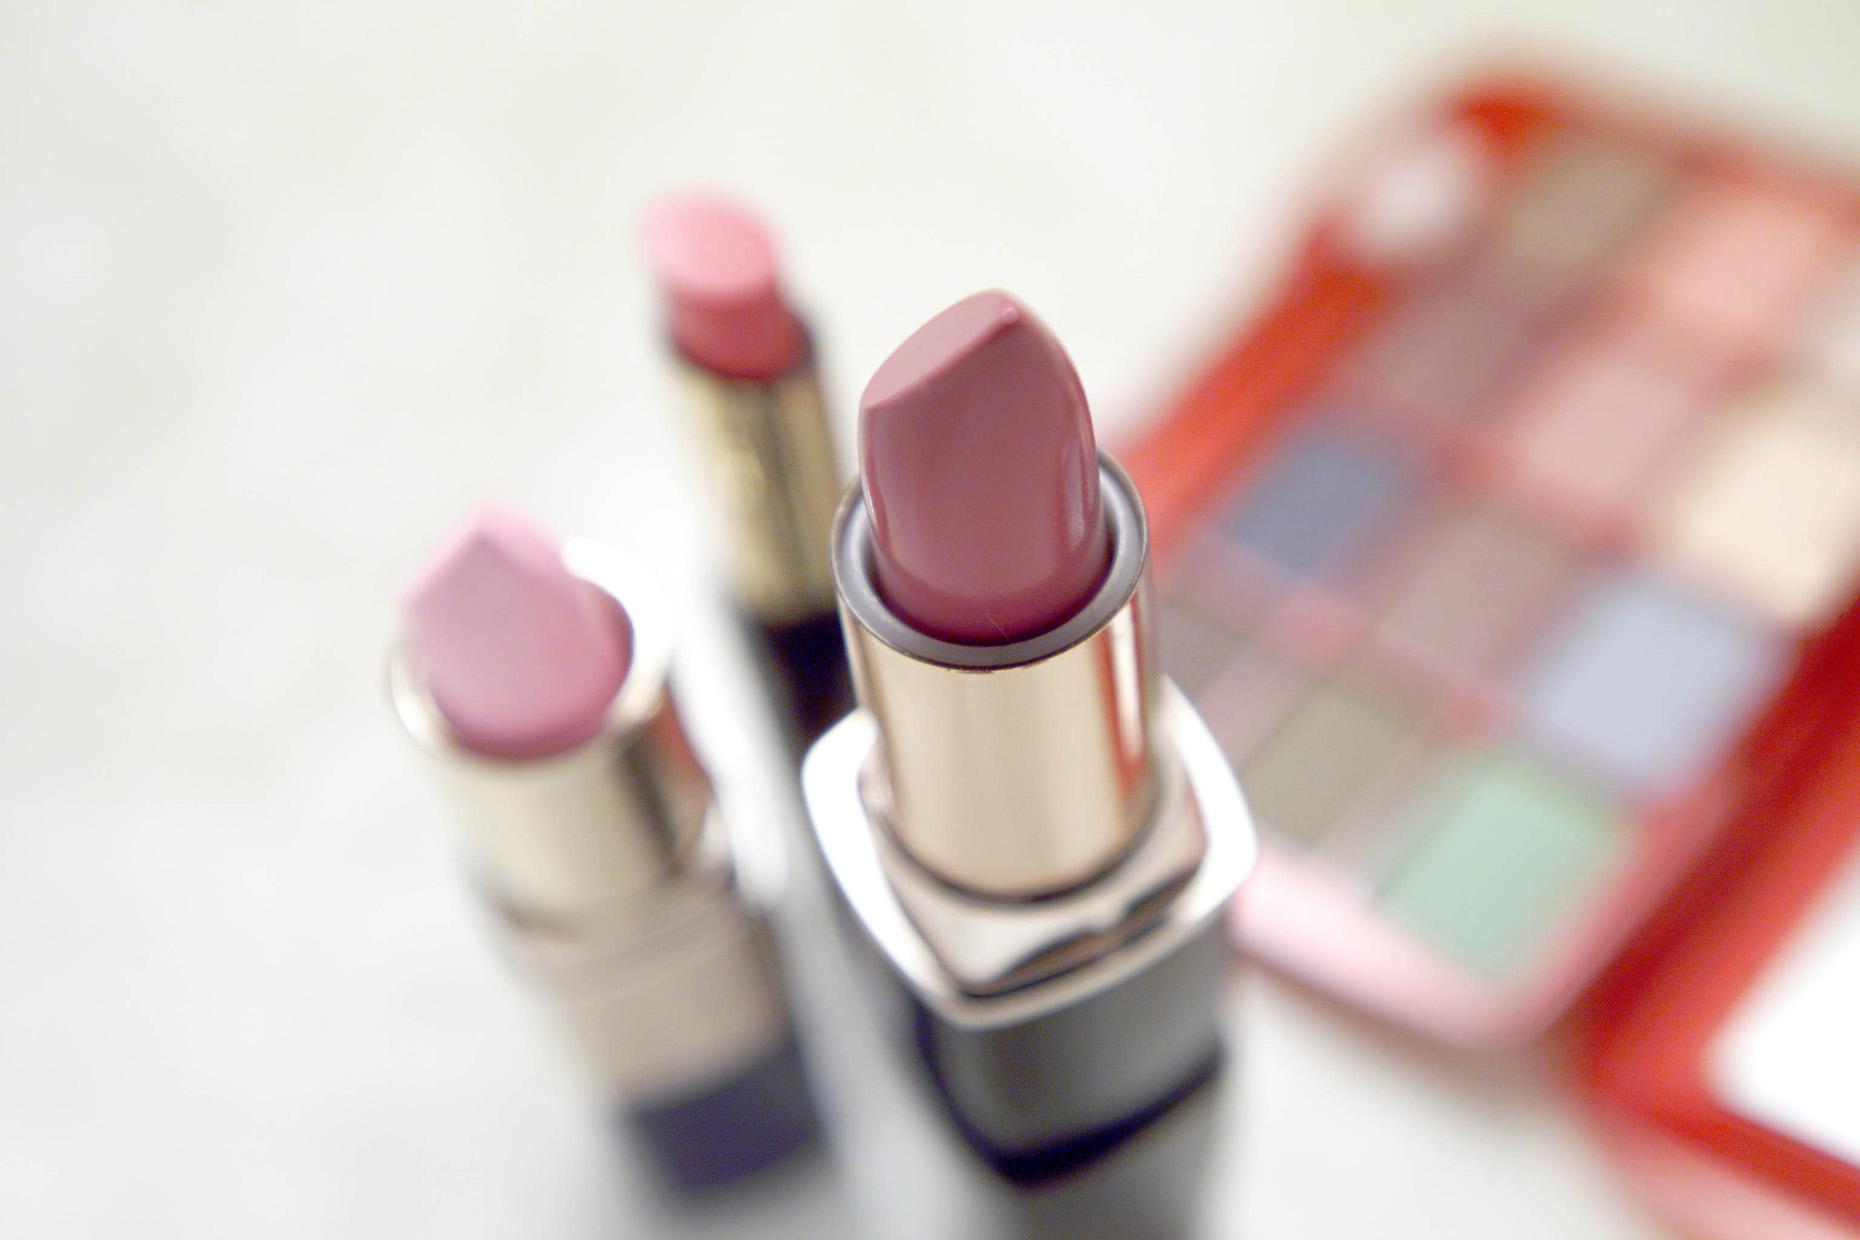 プチプラ化粧品の進化がとまらない!オススメすぎるお手頃化粧品集☆のサムネイル画像